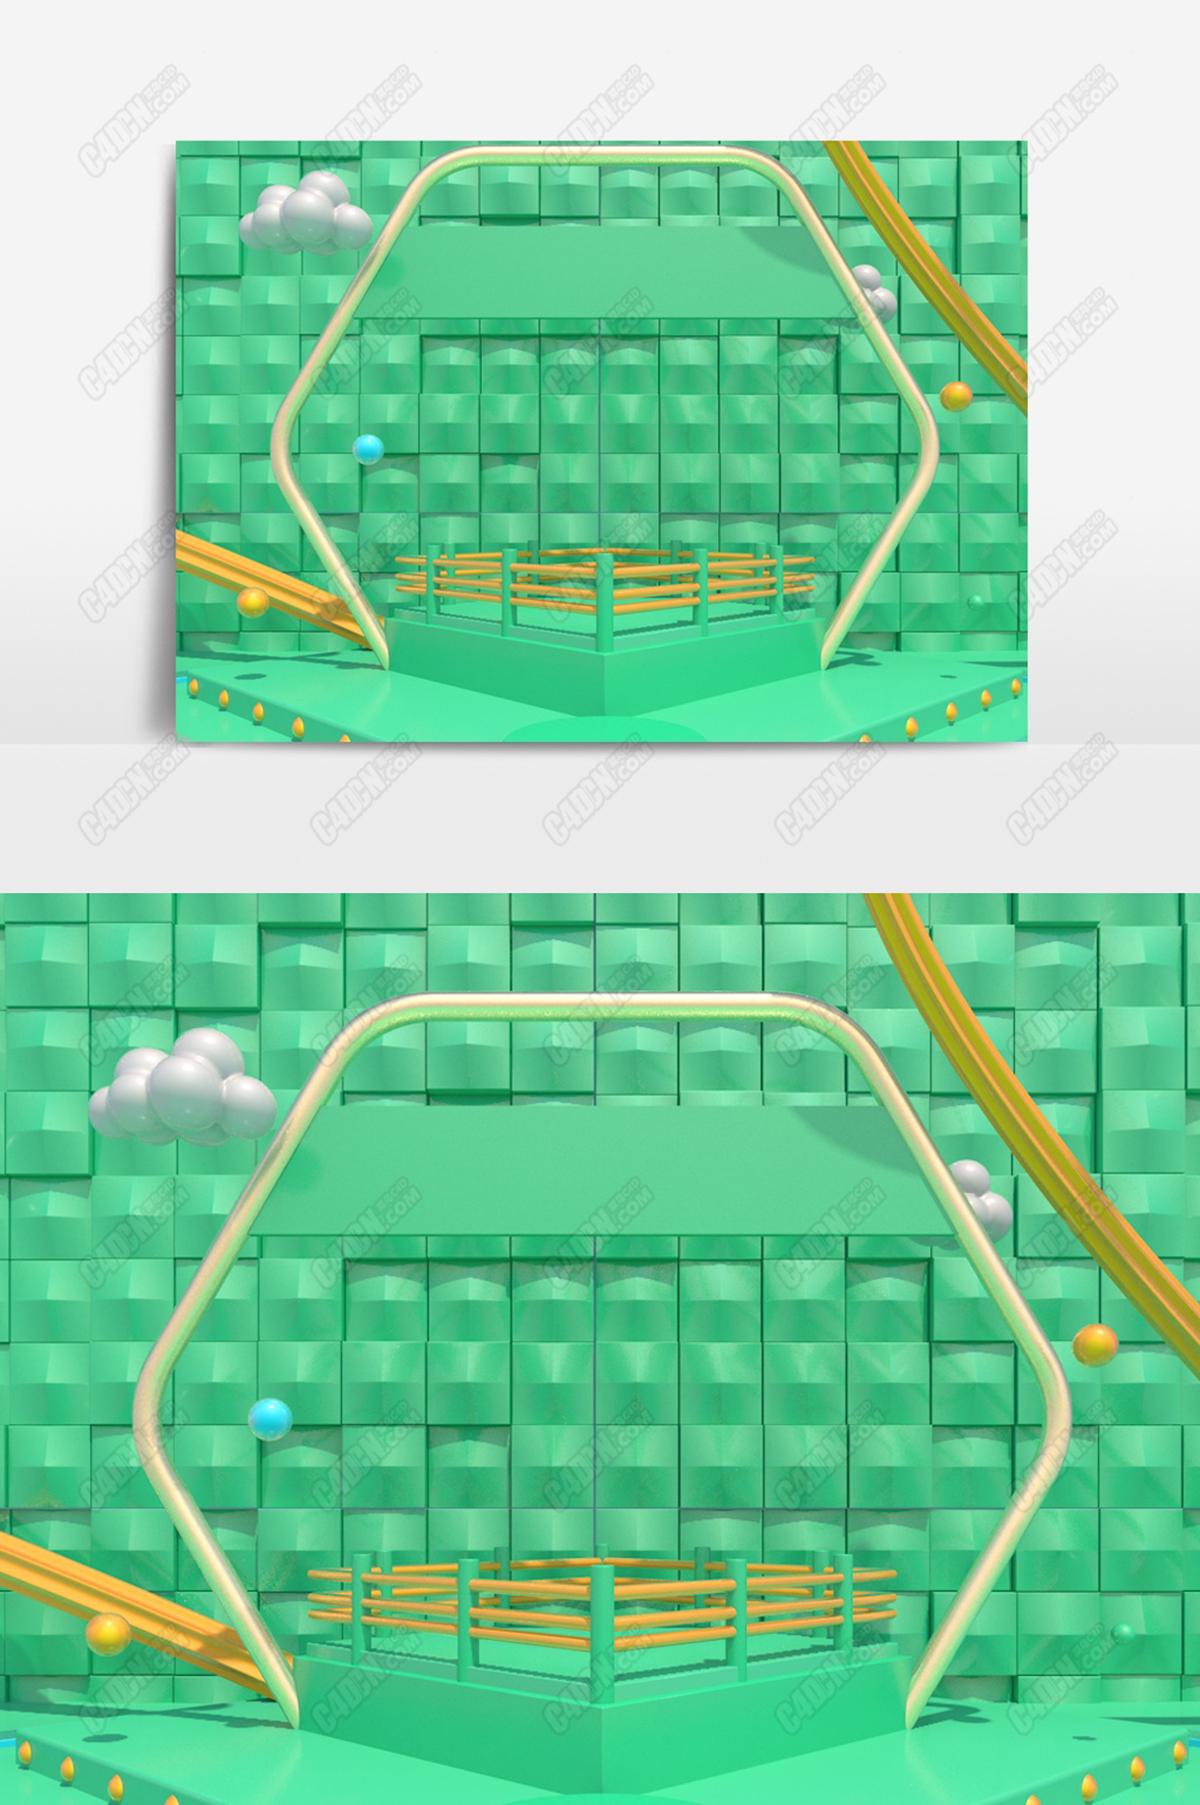 绿色金属模型舞台